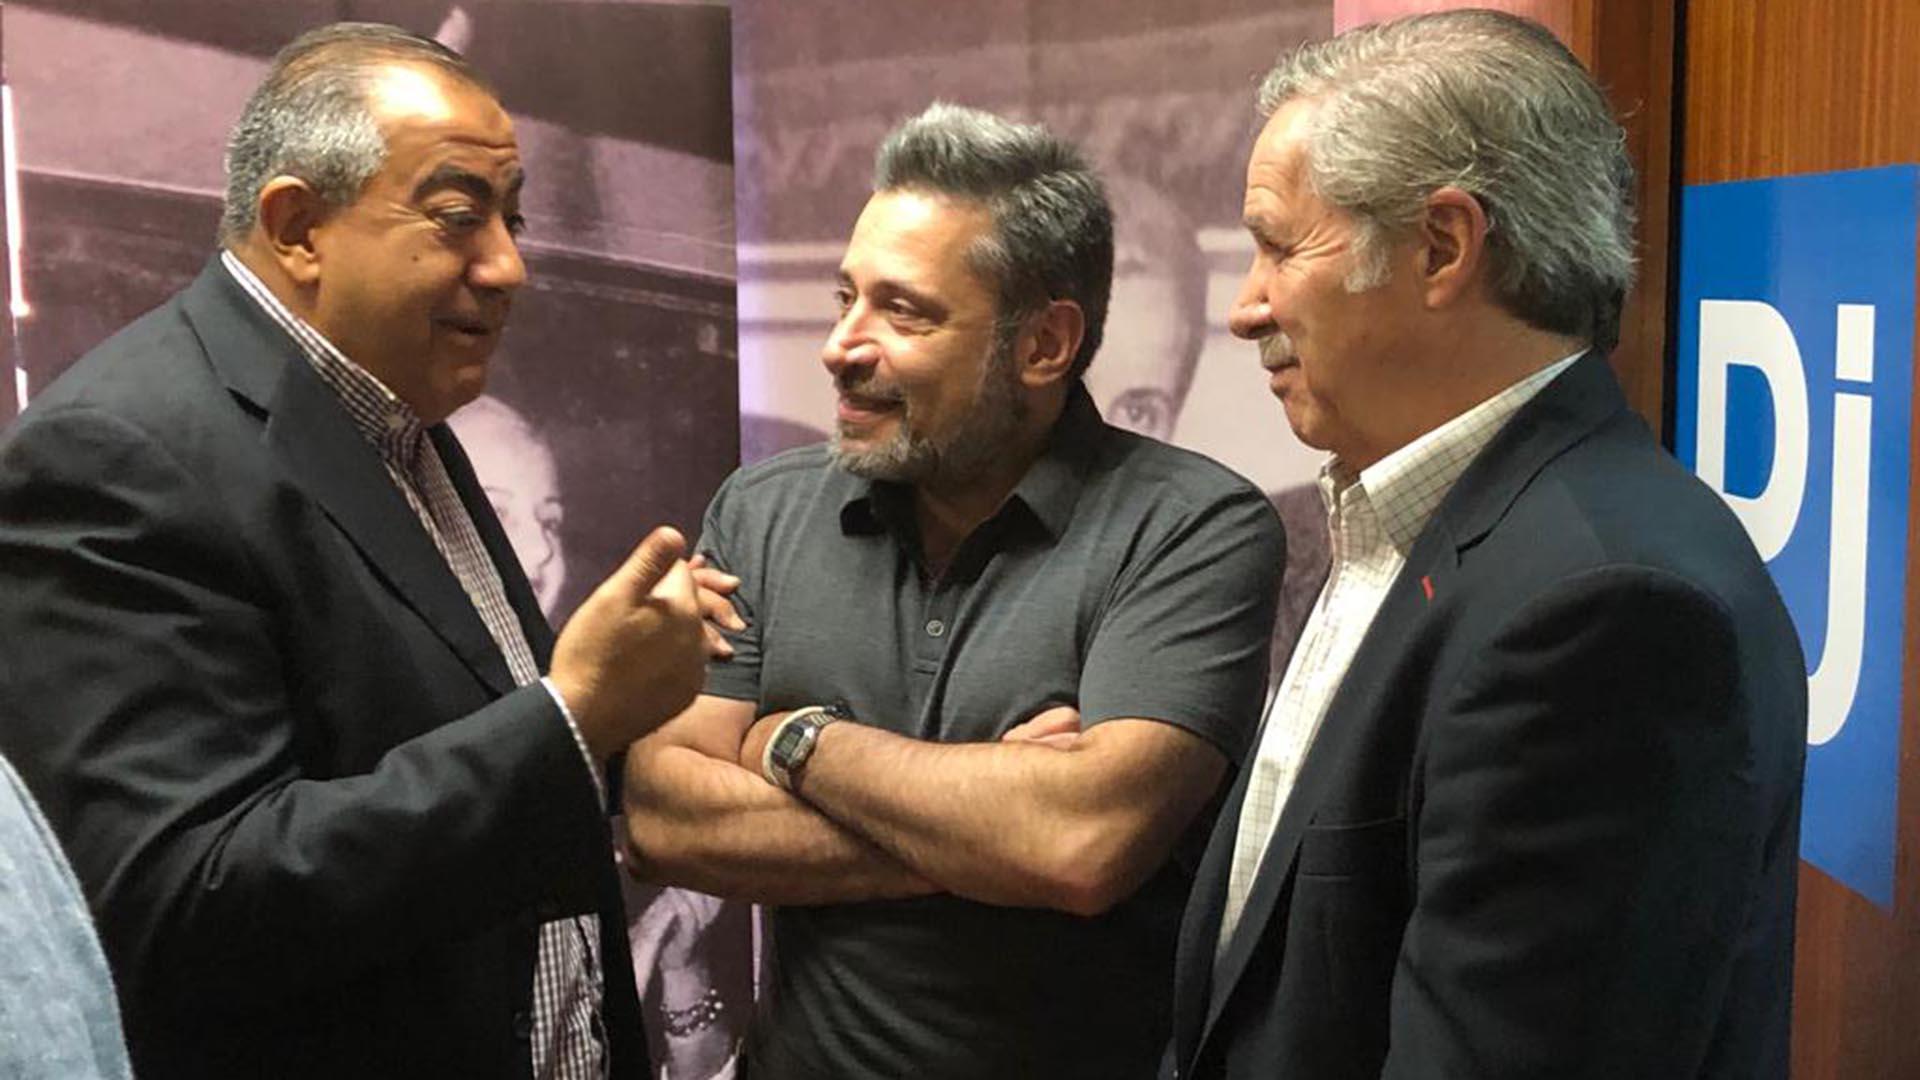 Felipe Solá, Víctor Santa María y Hector Daer